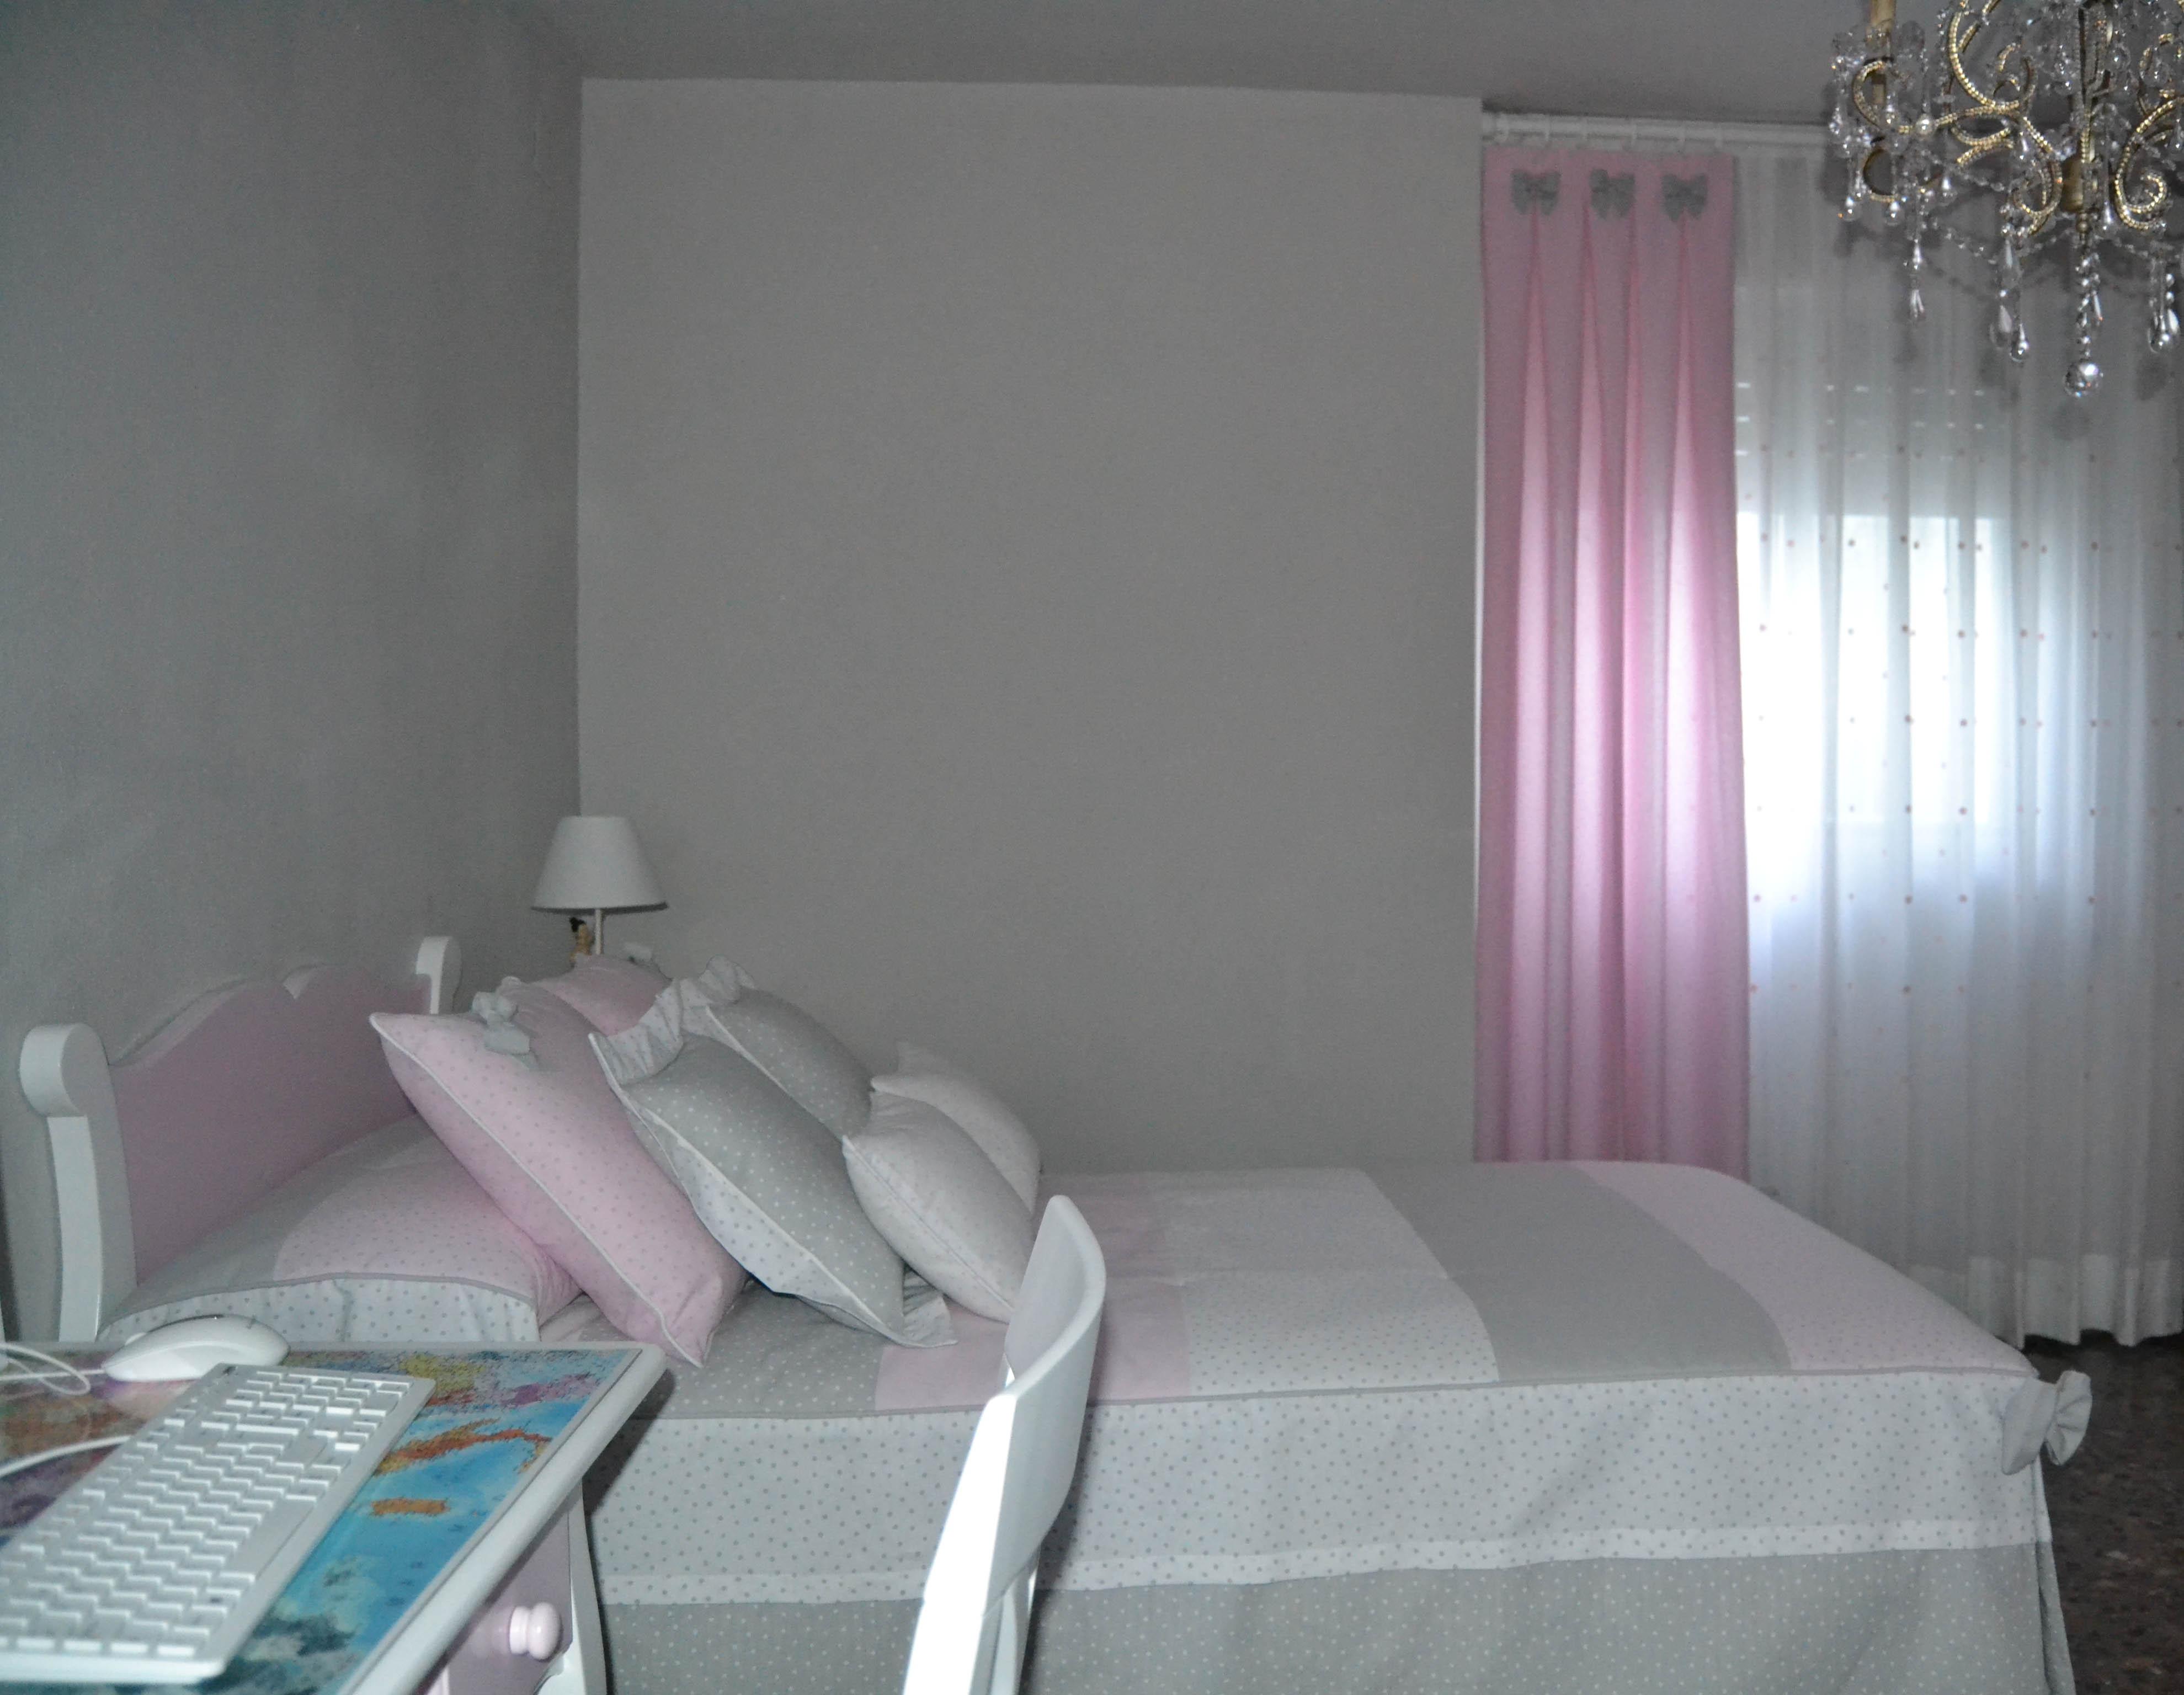 La preciosa habitaci n de aroha villalba interiorismo - Dormitorio en blanco y negro ...